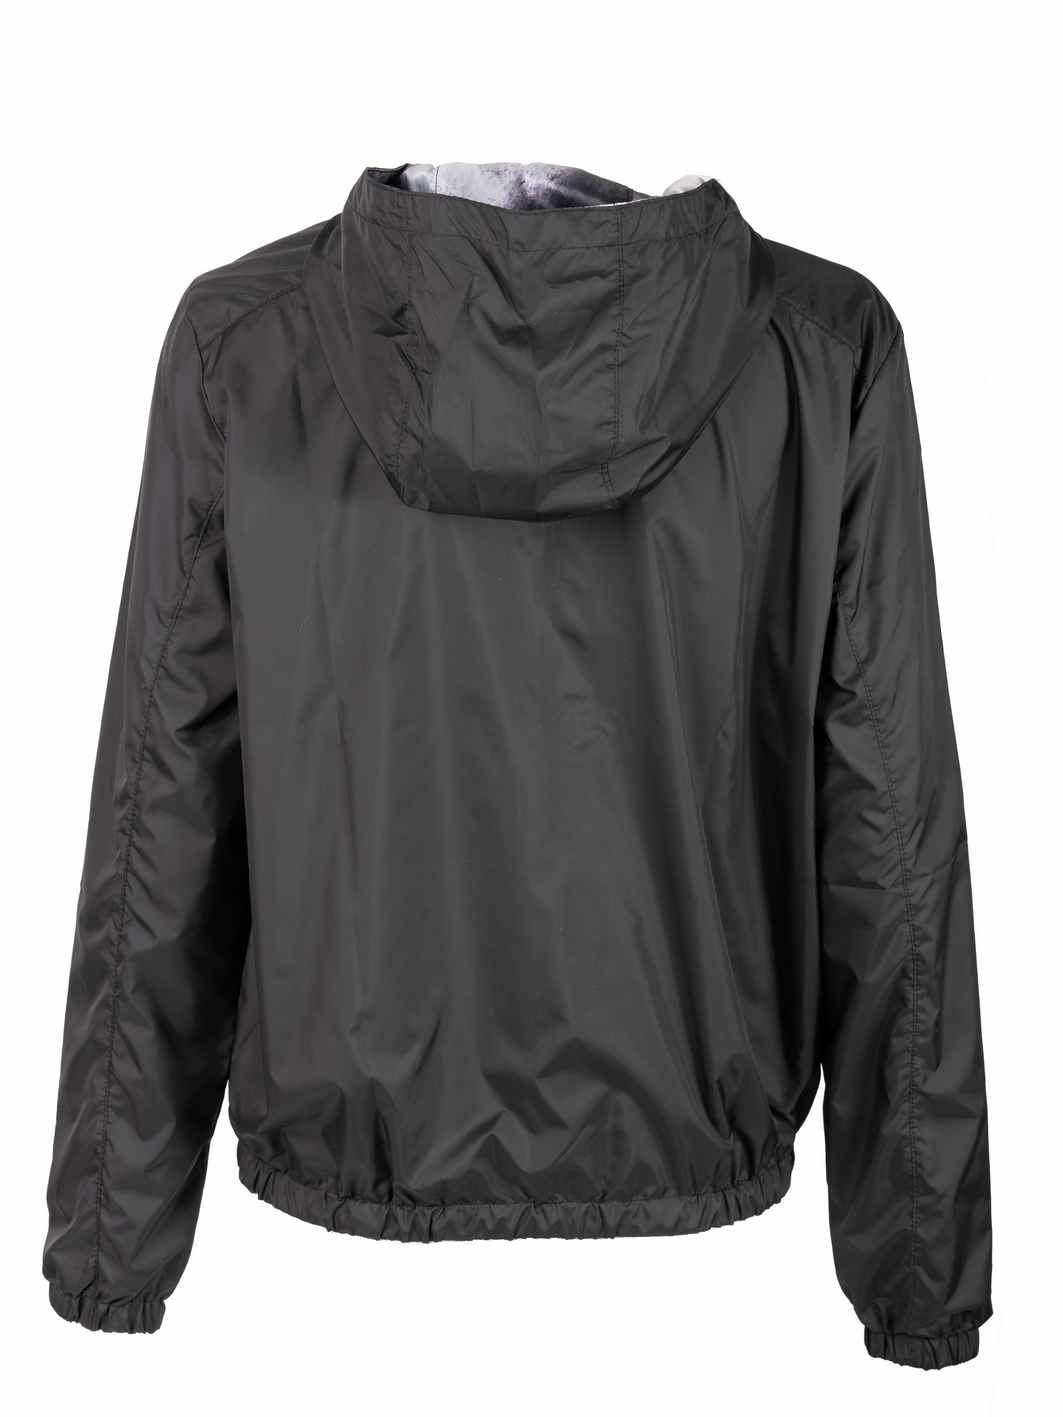 ženska jakna šuškava crna